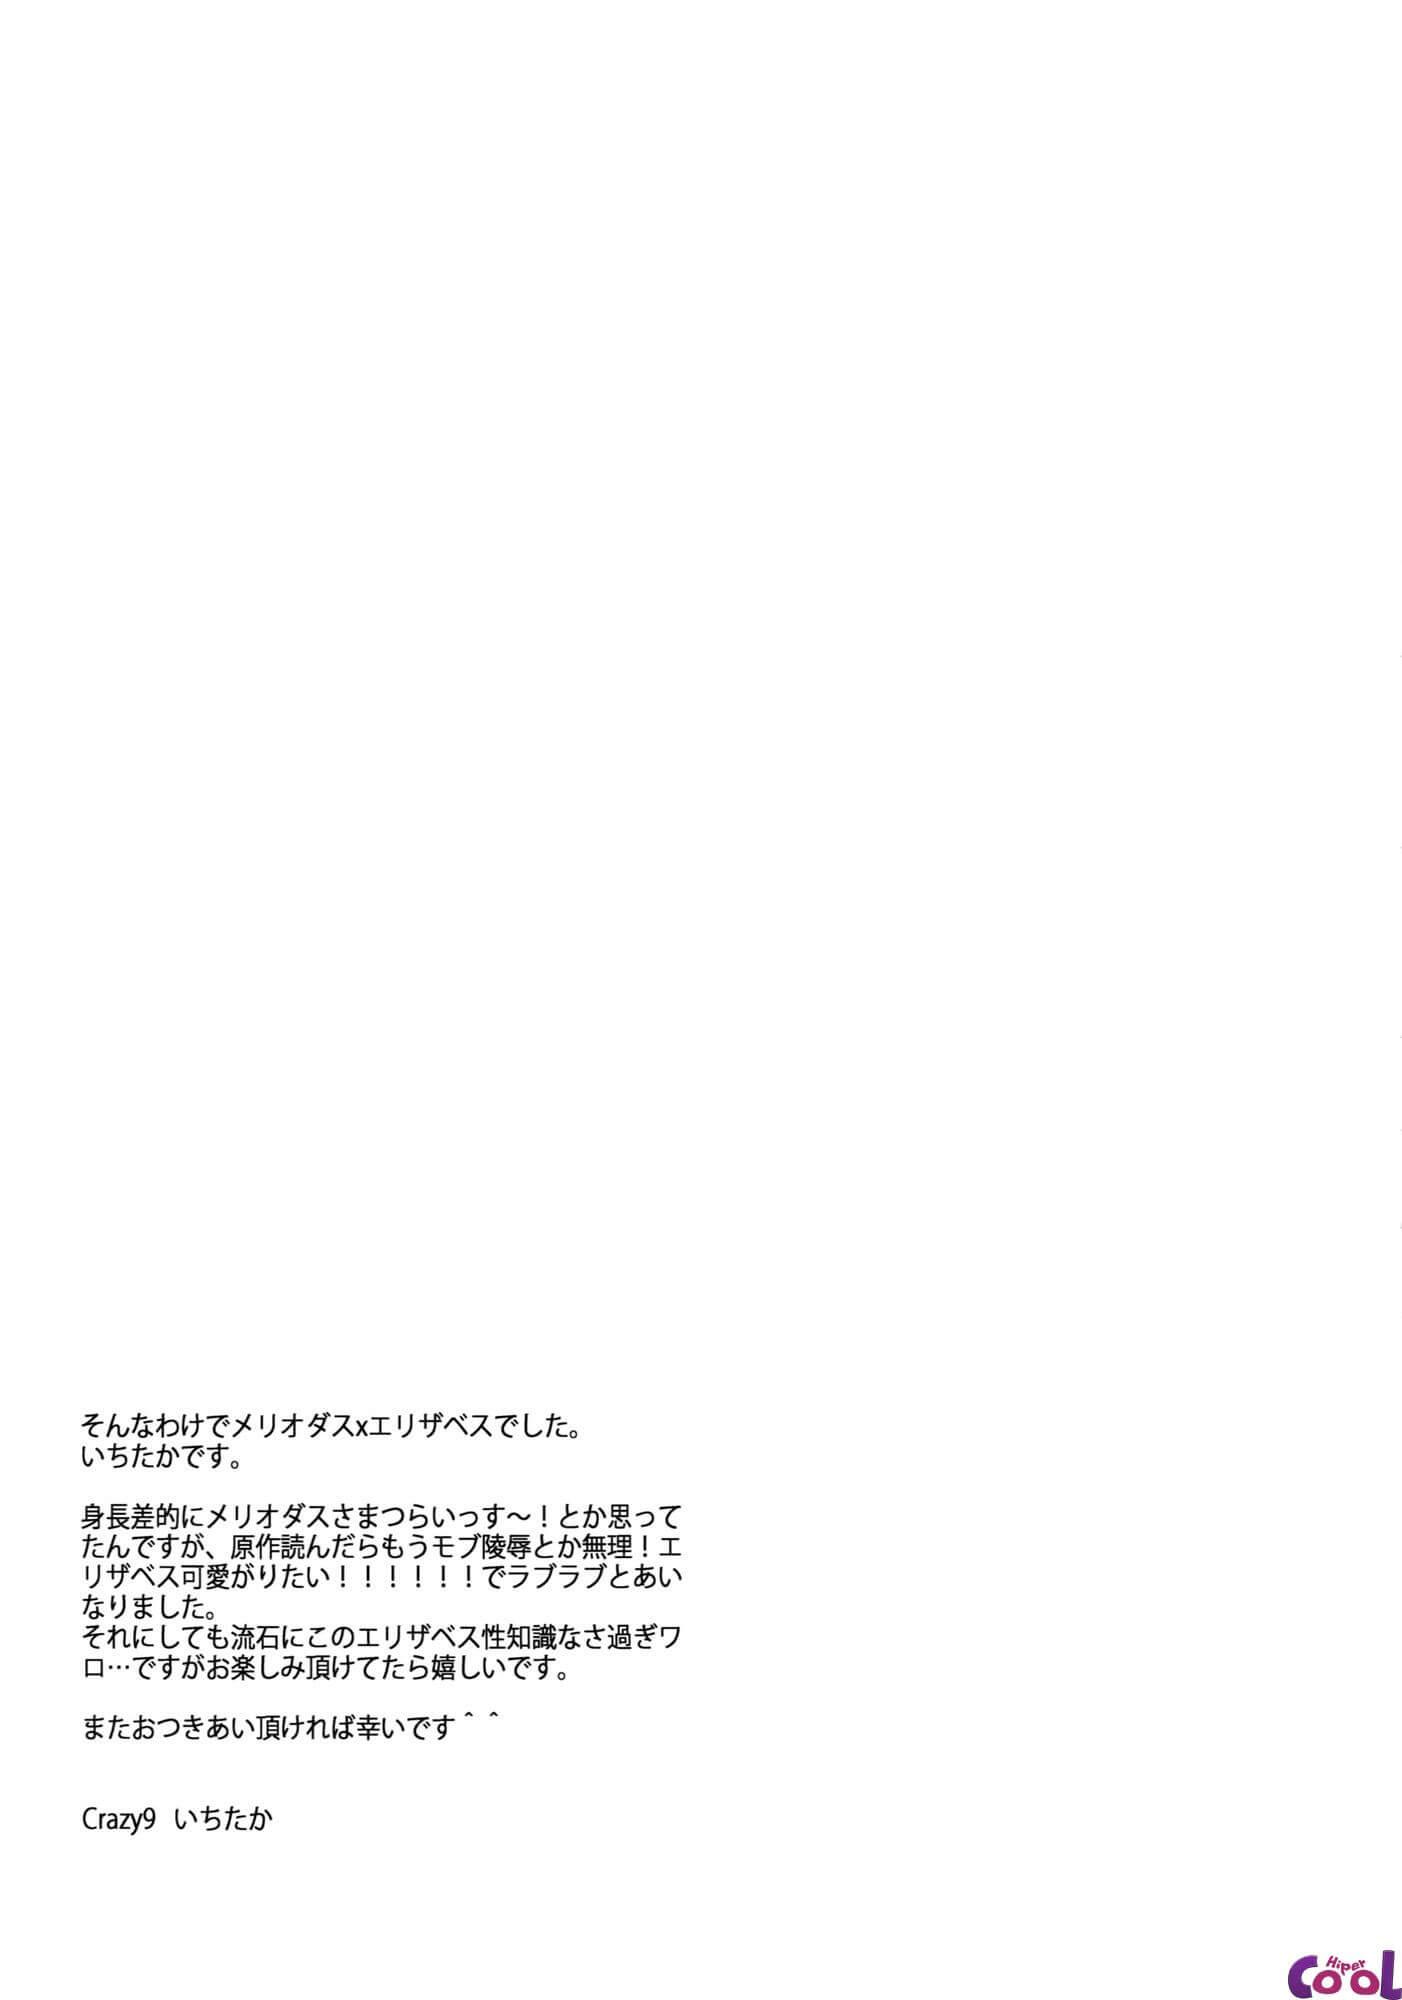 Nanatsu no Taizai Hentai